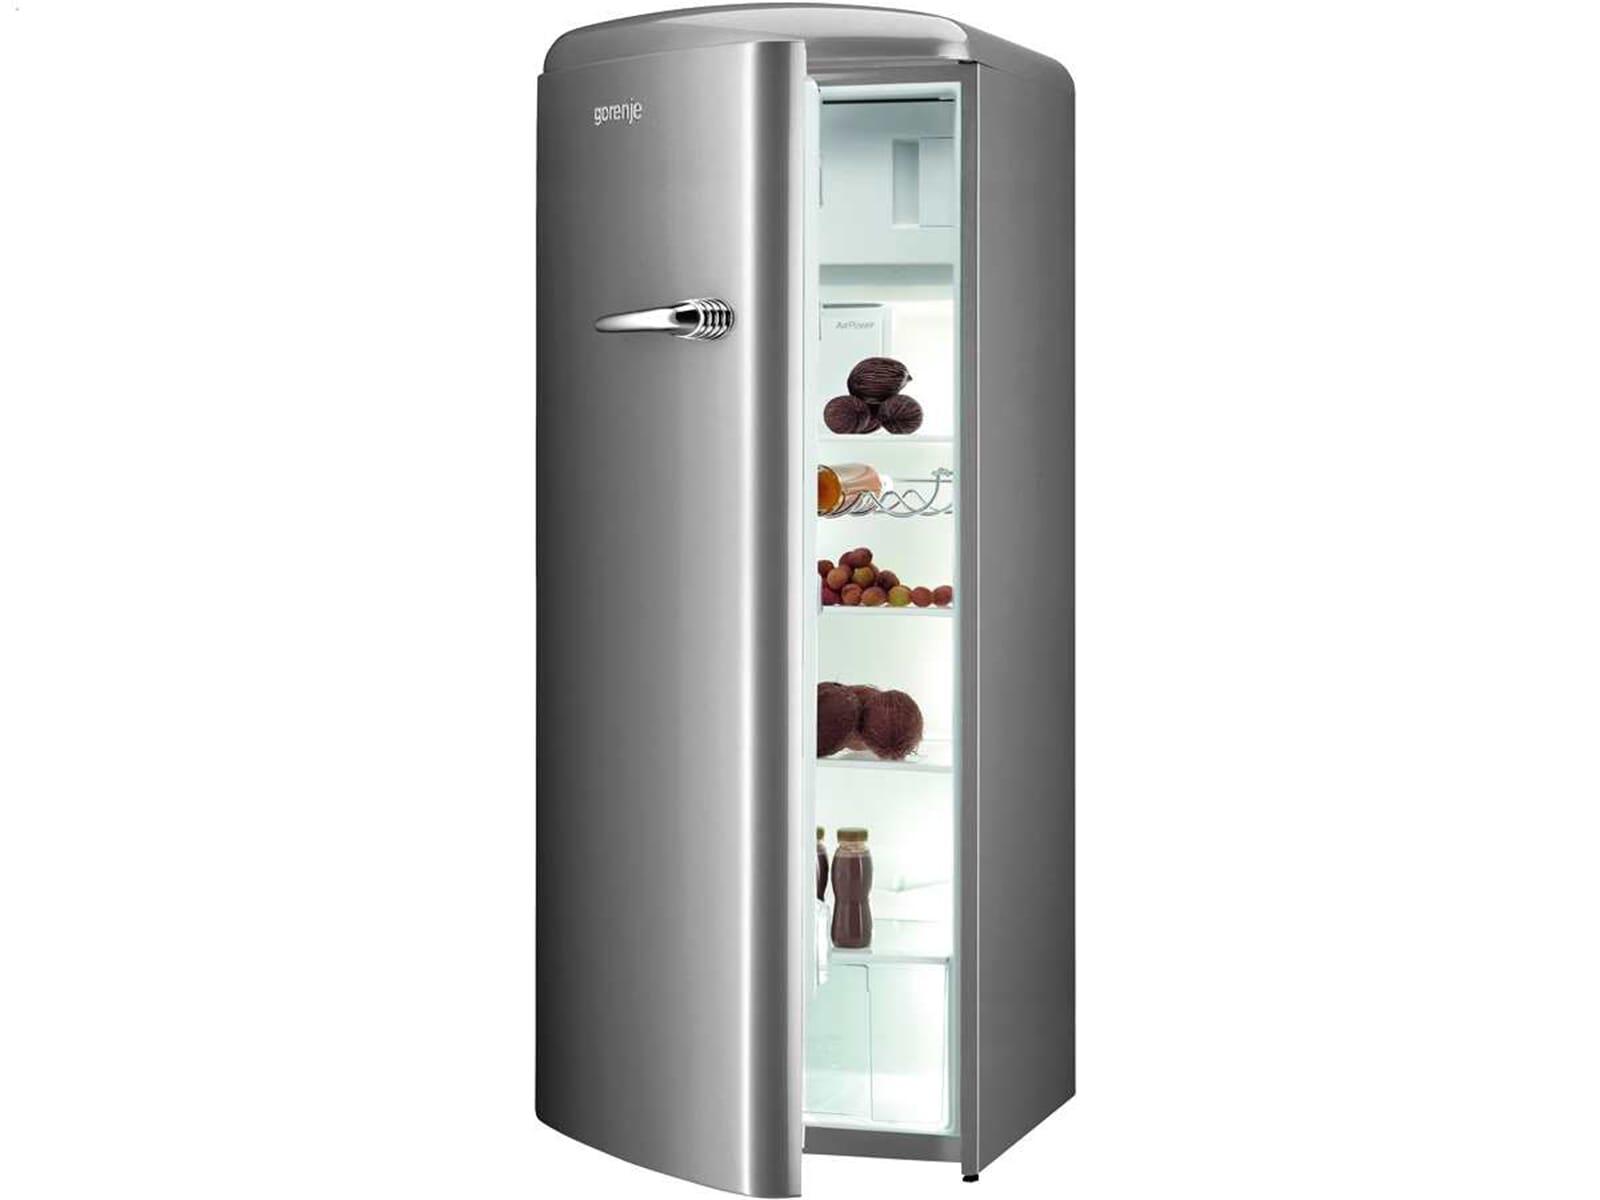 Gorenje Kühlschrank Ist Laut : Gorenje rb ox l standkühlschrank inox b ware